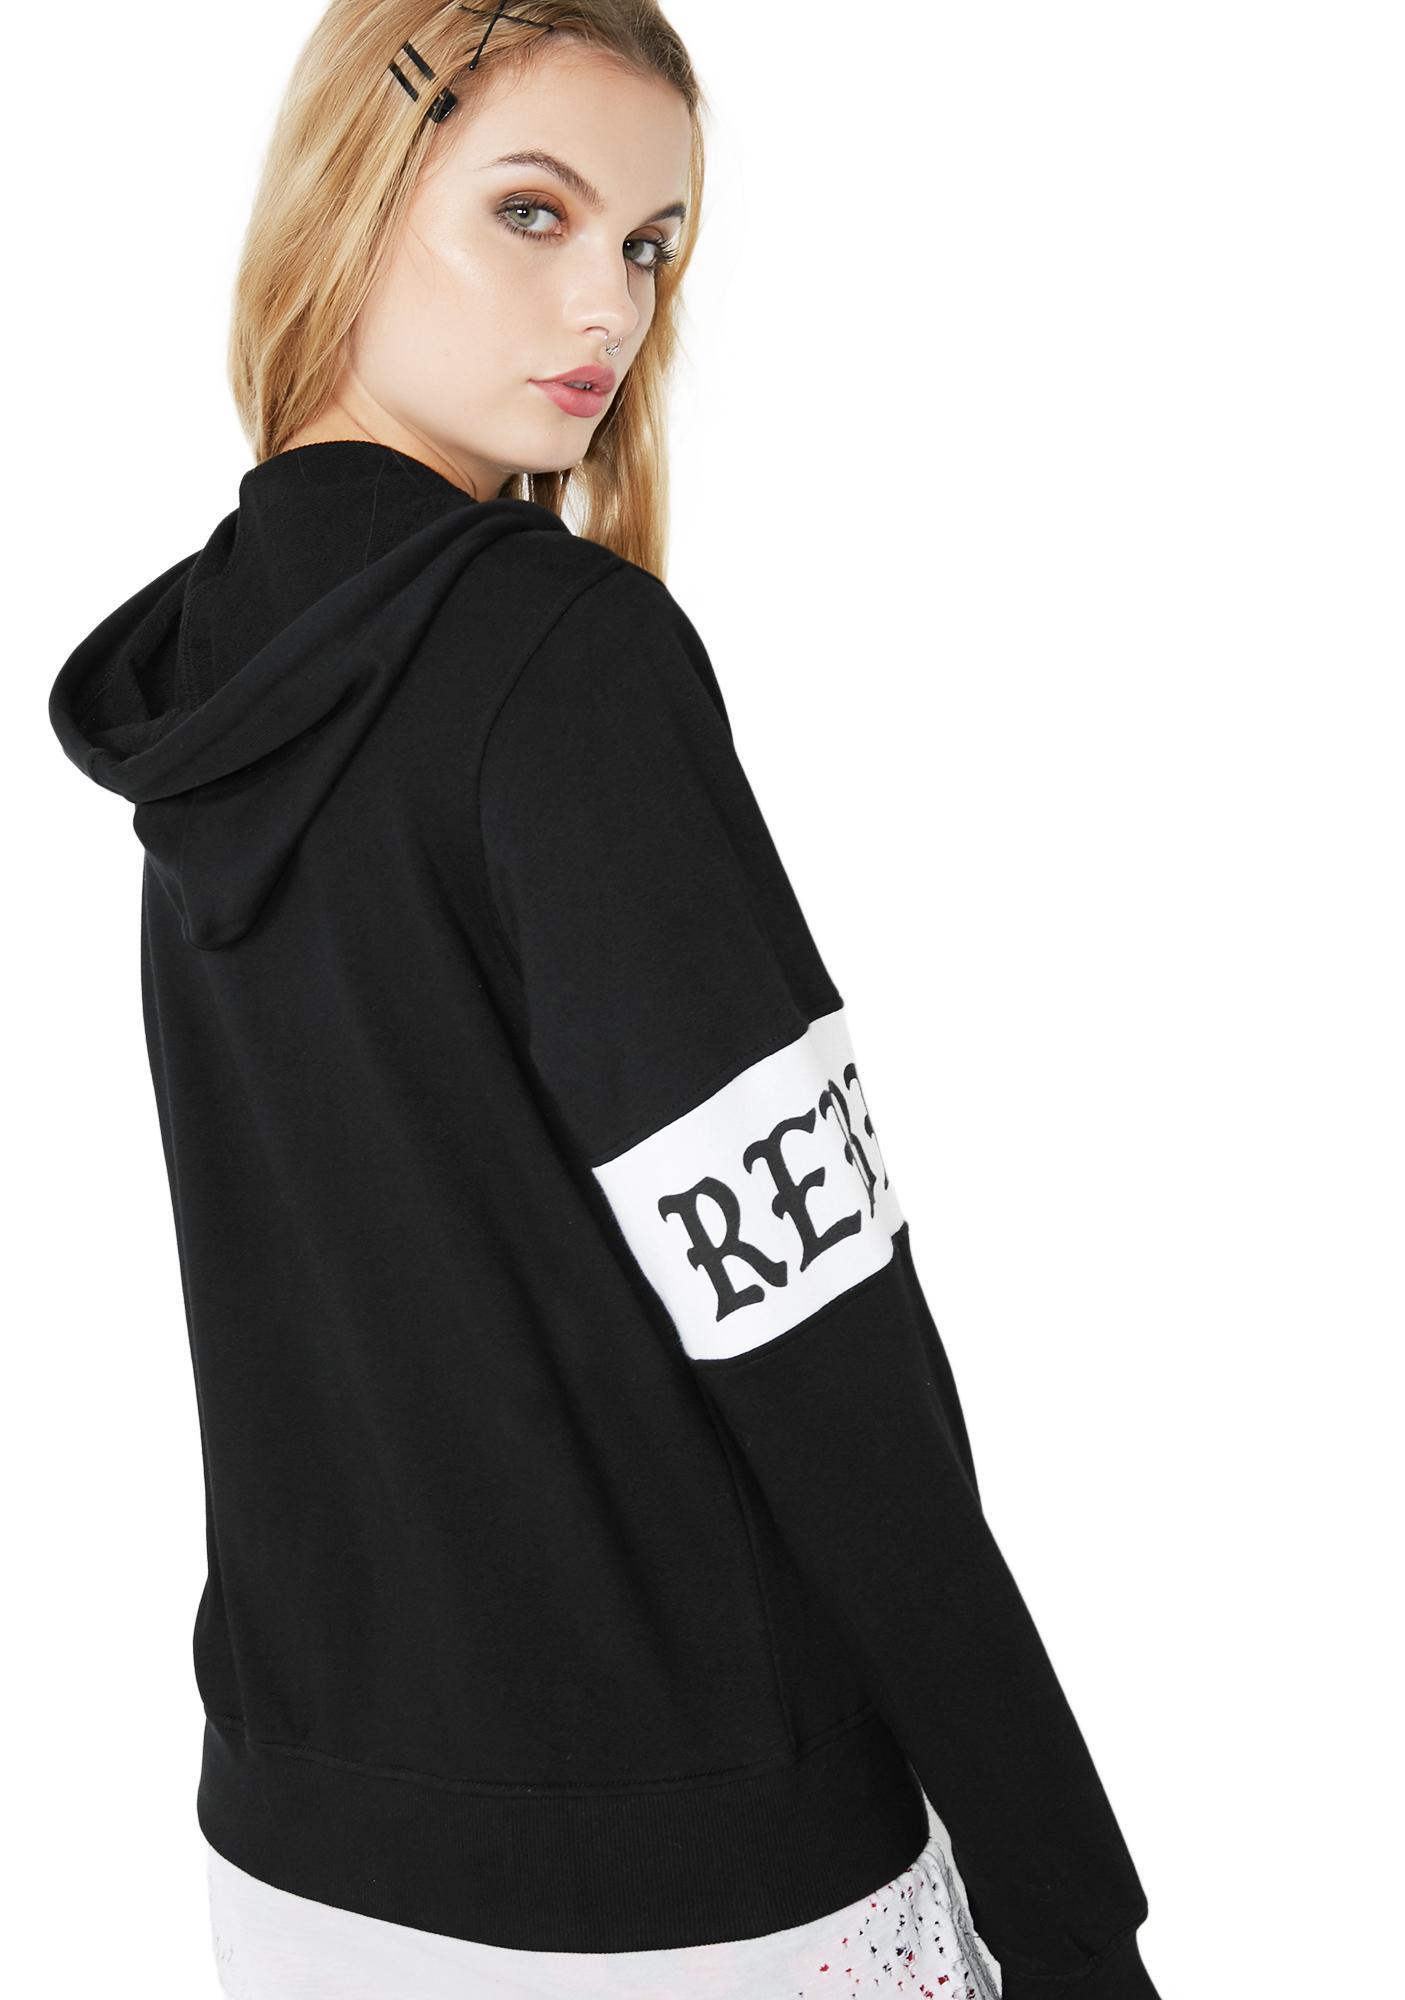 Rebel8 Scriptum Zip-Up Hoodie